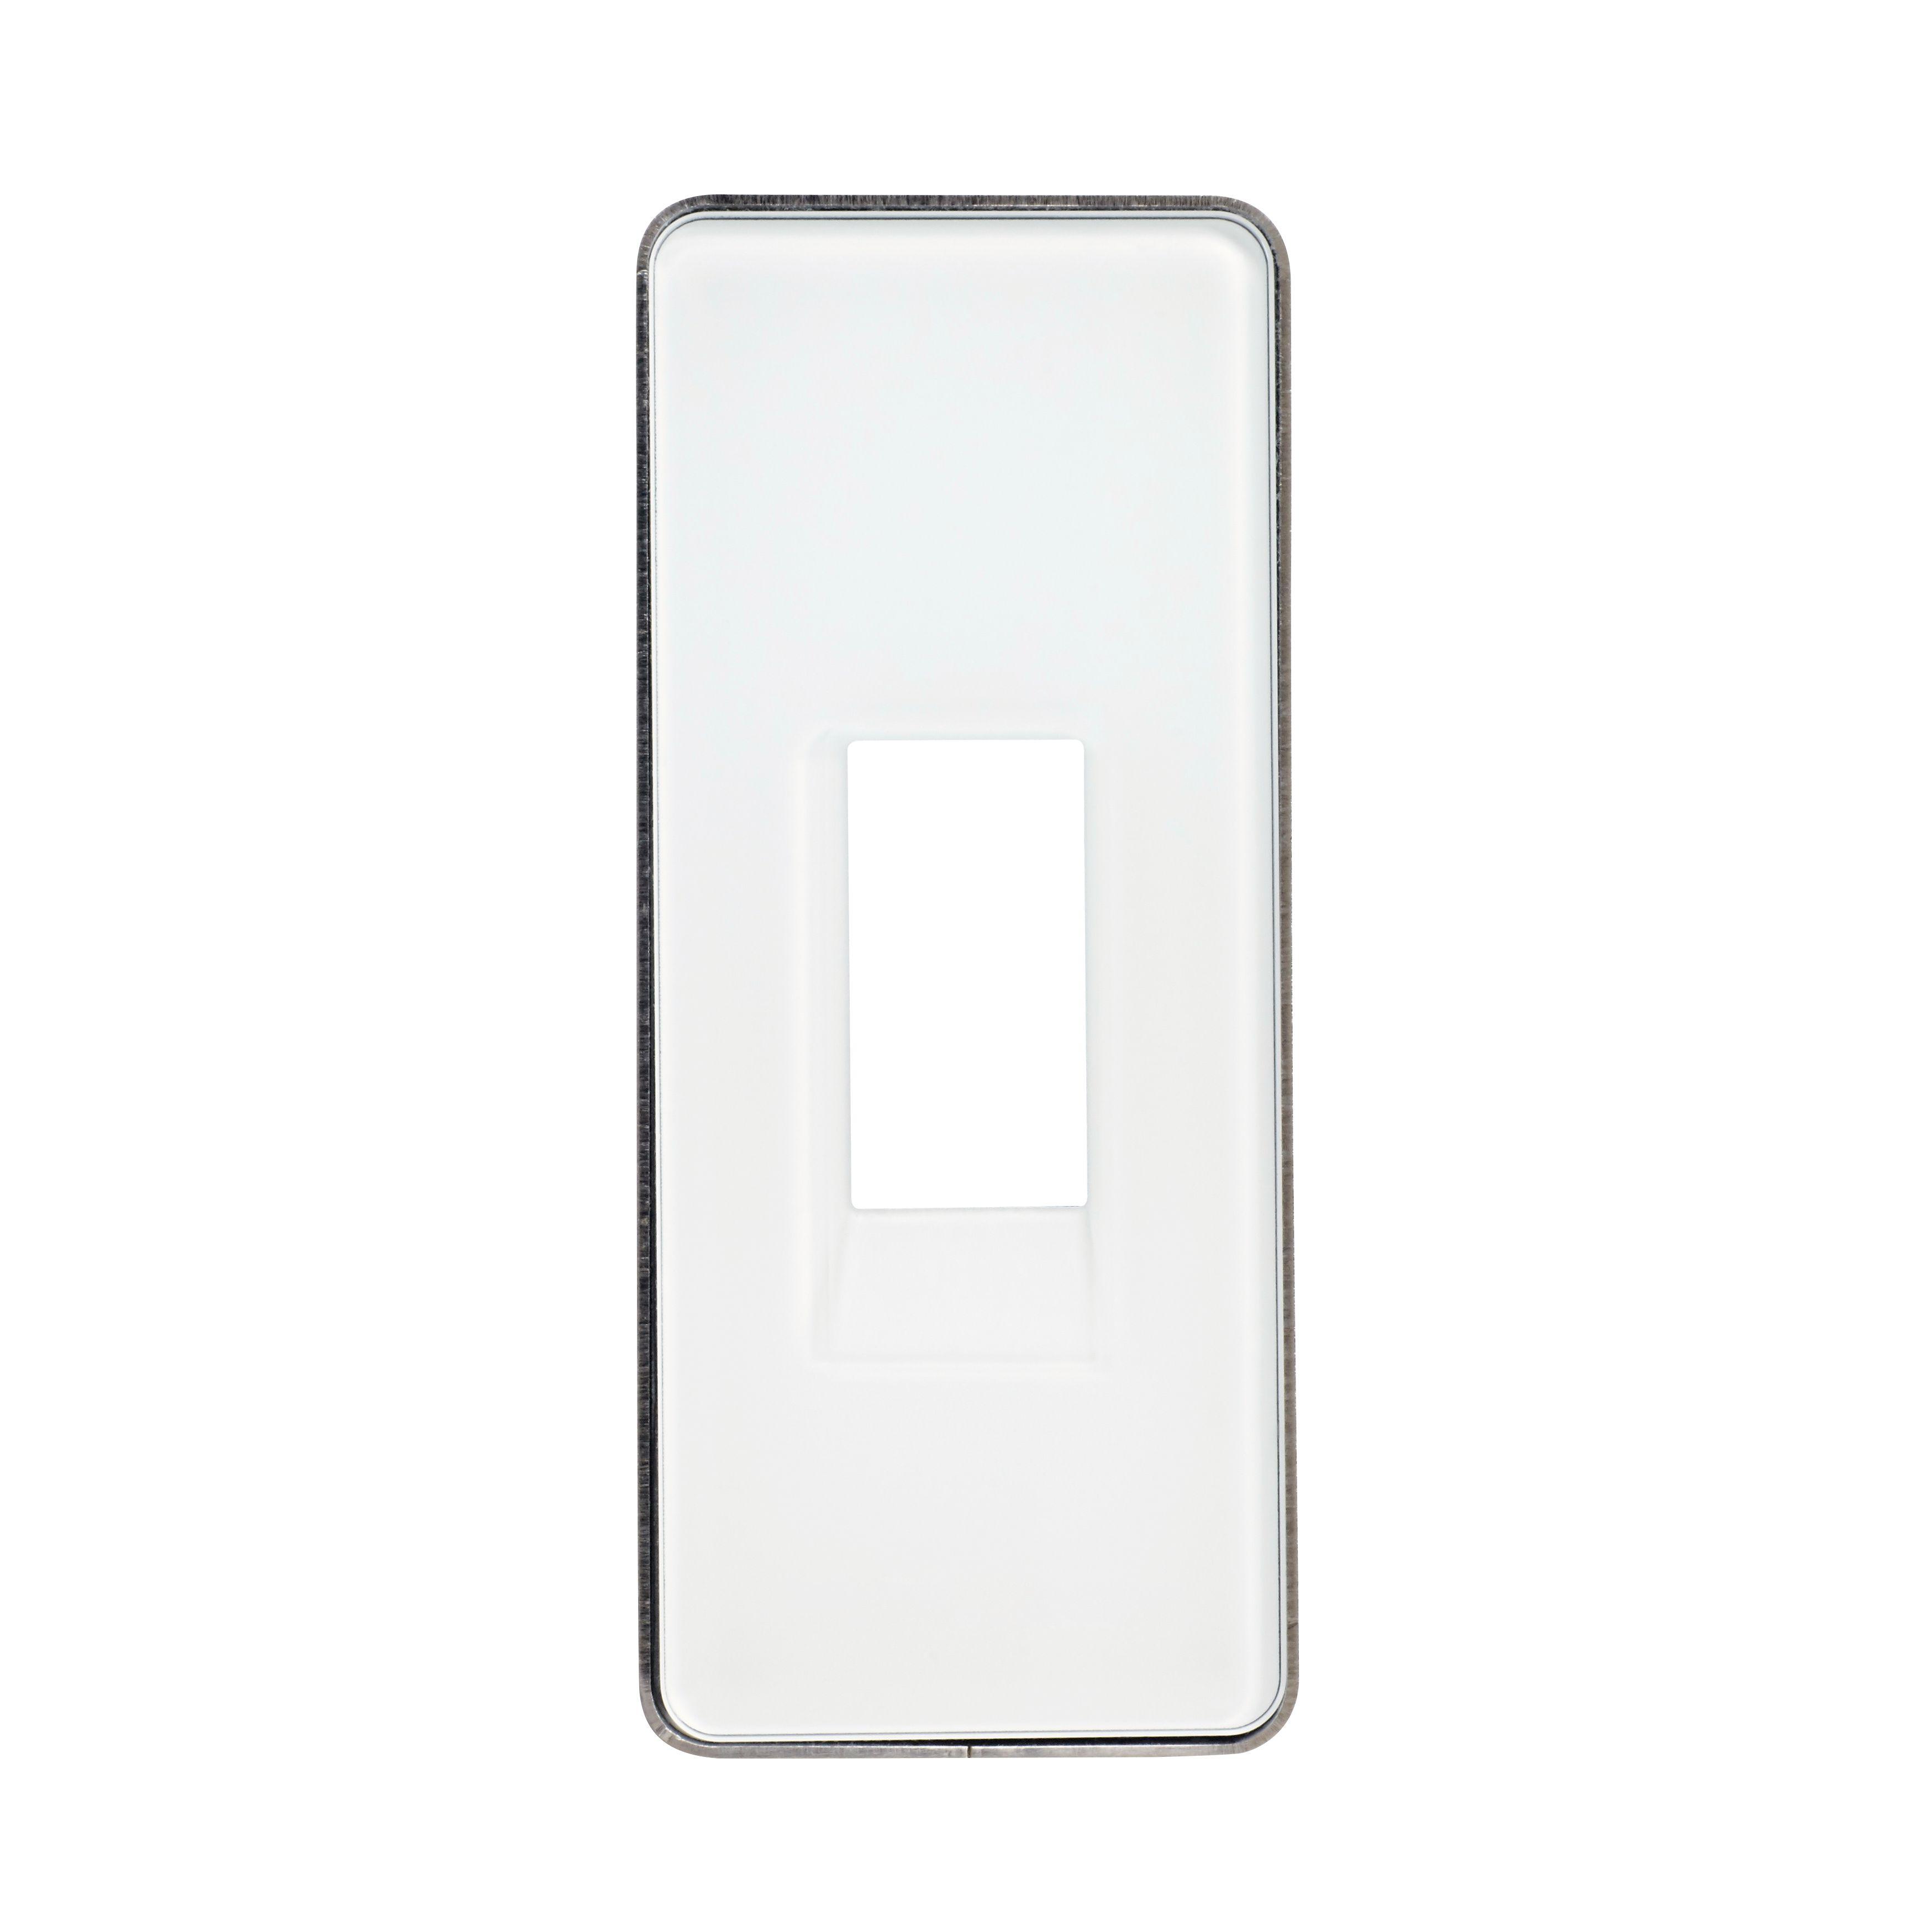 1 Stk ekey Montagerahmen für Fingerscanner Integra mit Glas weiß EK101717--